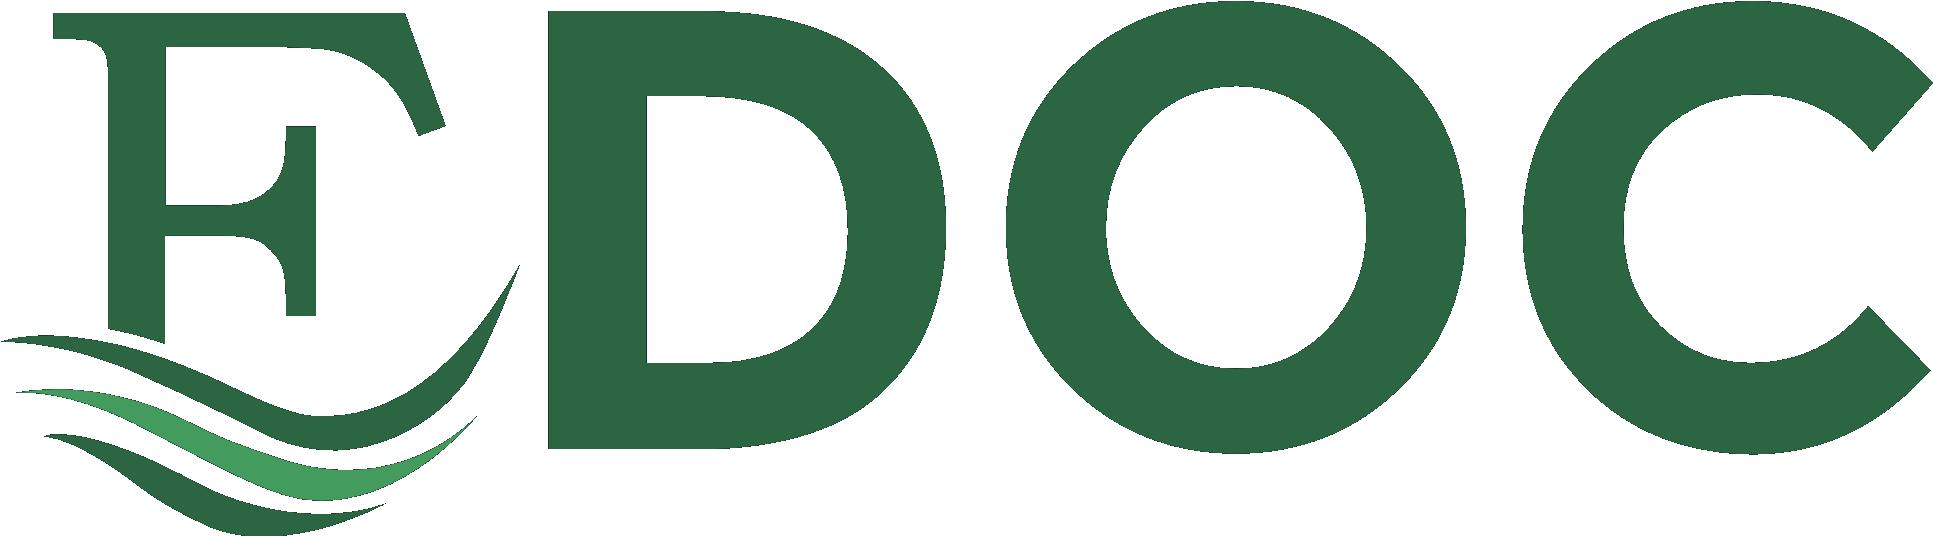 Női nemi szervek megcsonkítása – Wikipédia